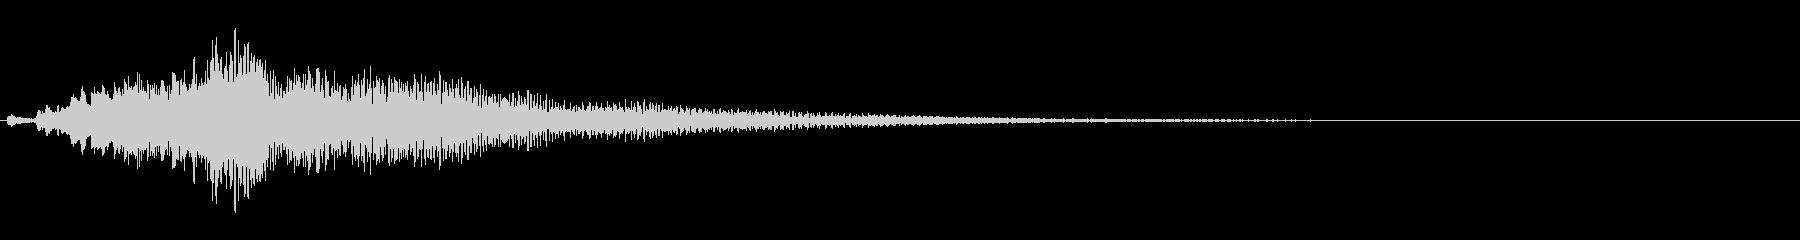 ハープ:グリスダウンの未再生の波形